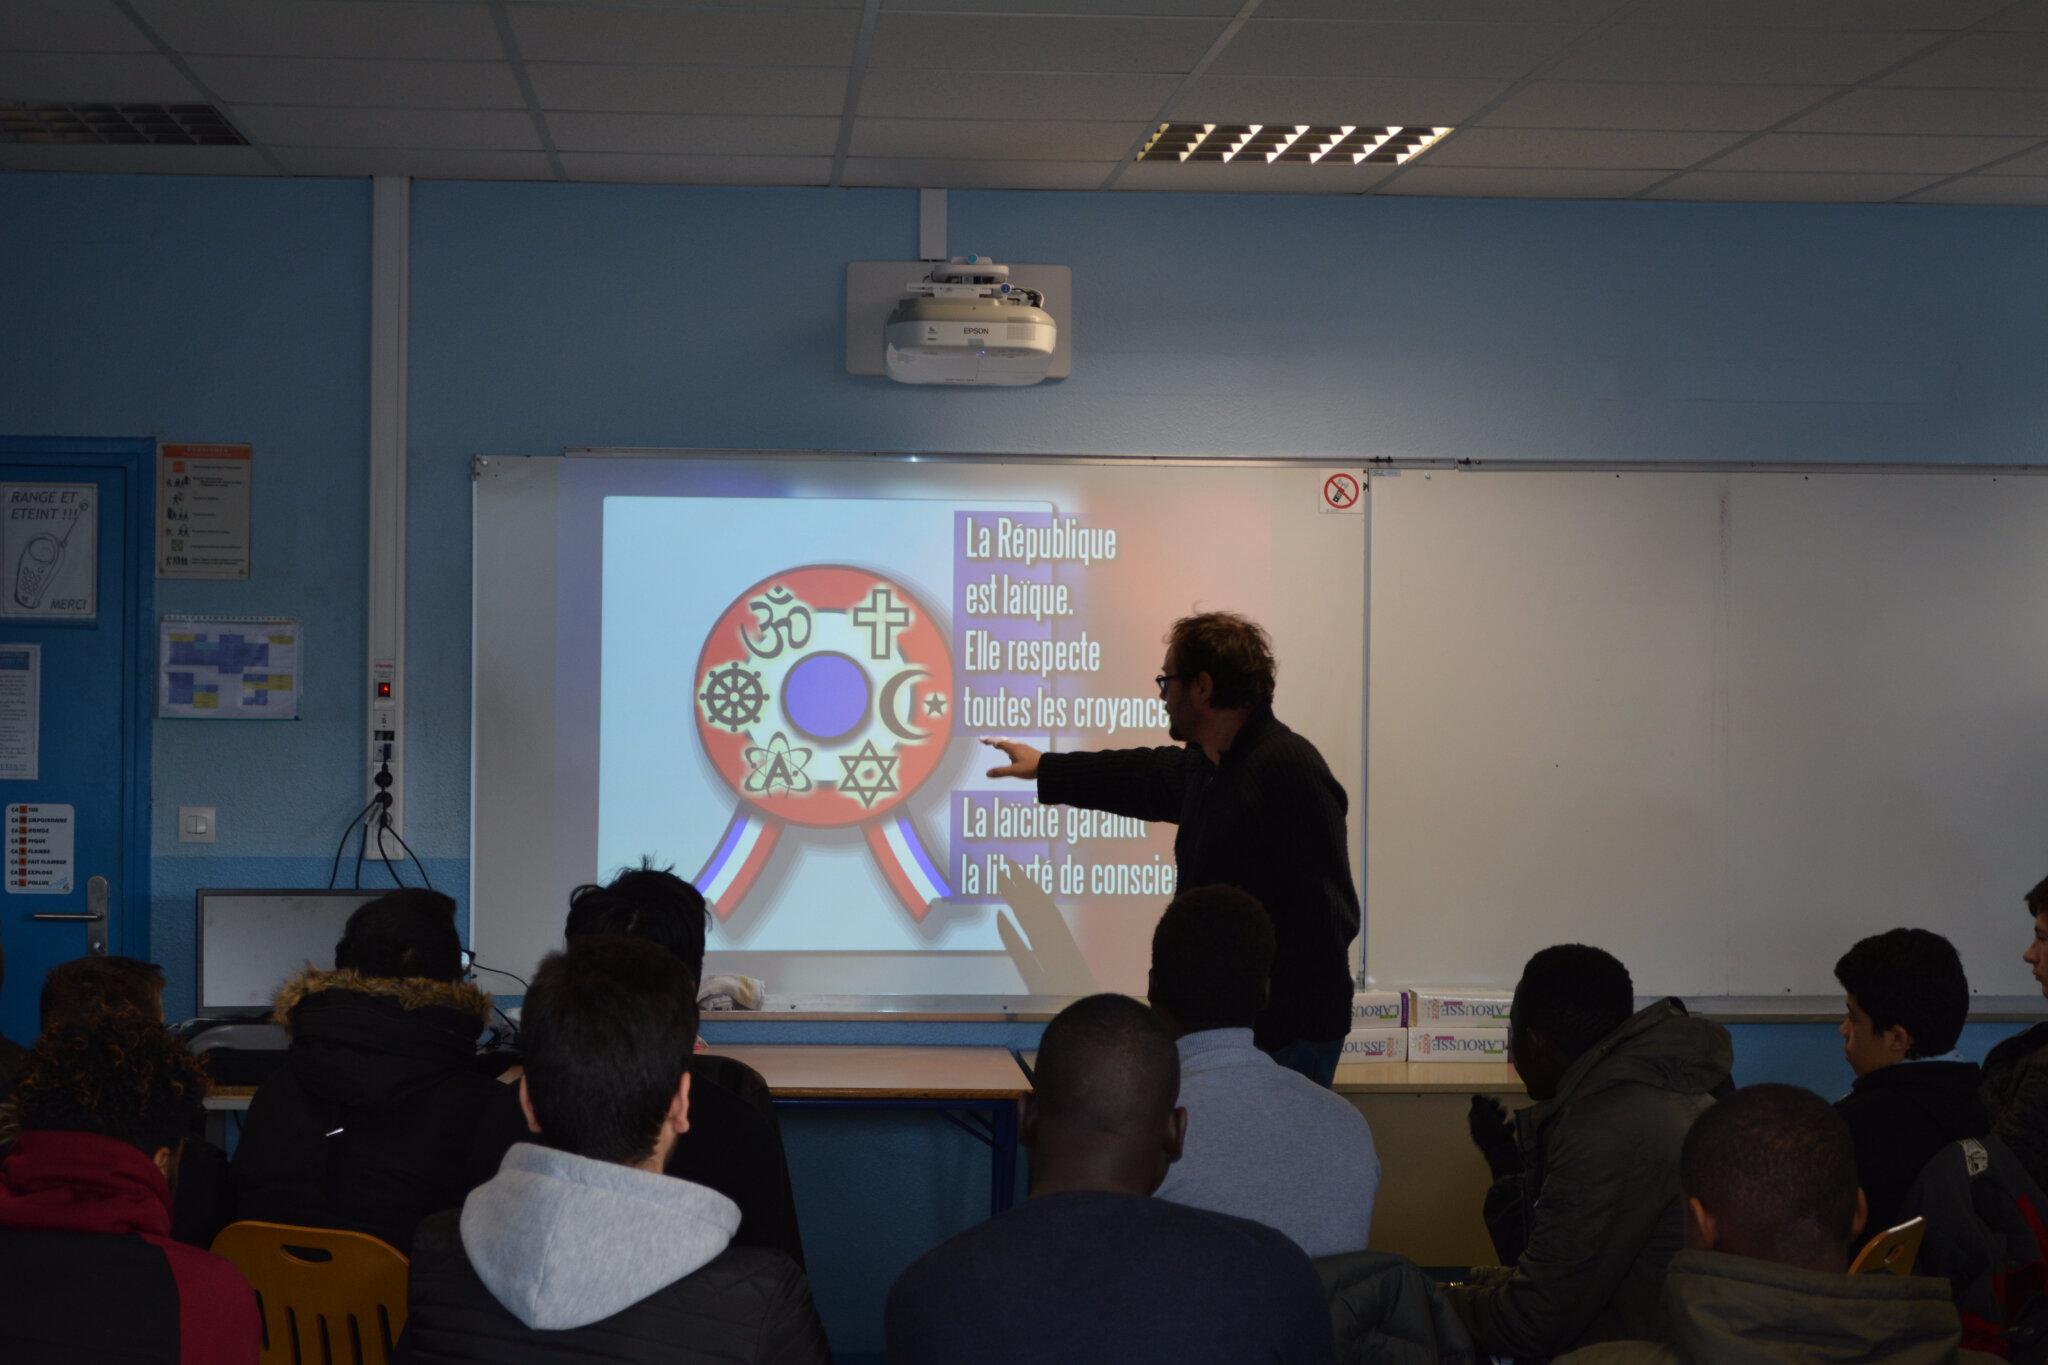 Au lycée Louis Blériot, apprendre la laïcité.